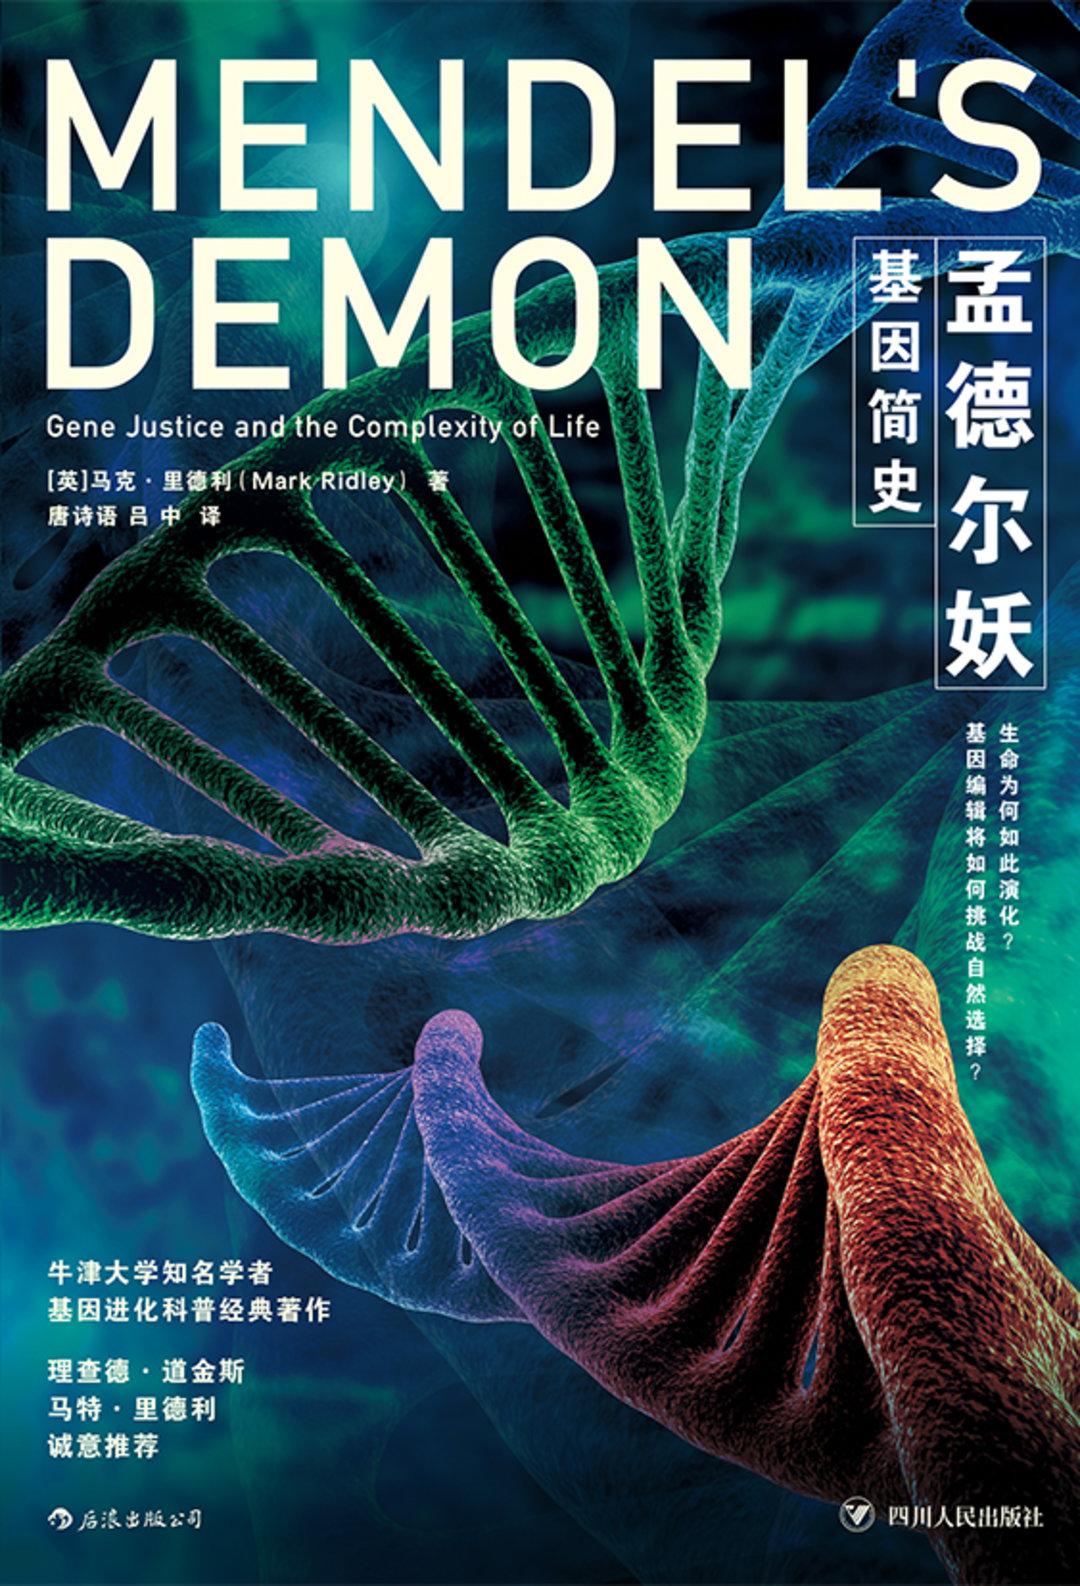 复制错误和自私基因,什么是生命的本质?_智能_好奇心日报